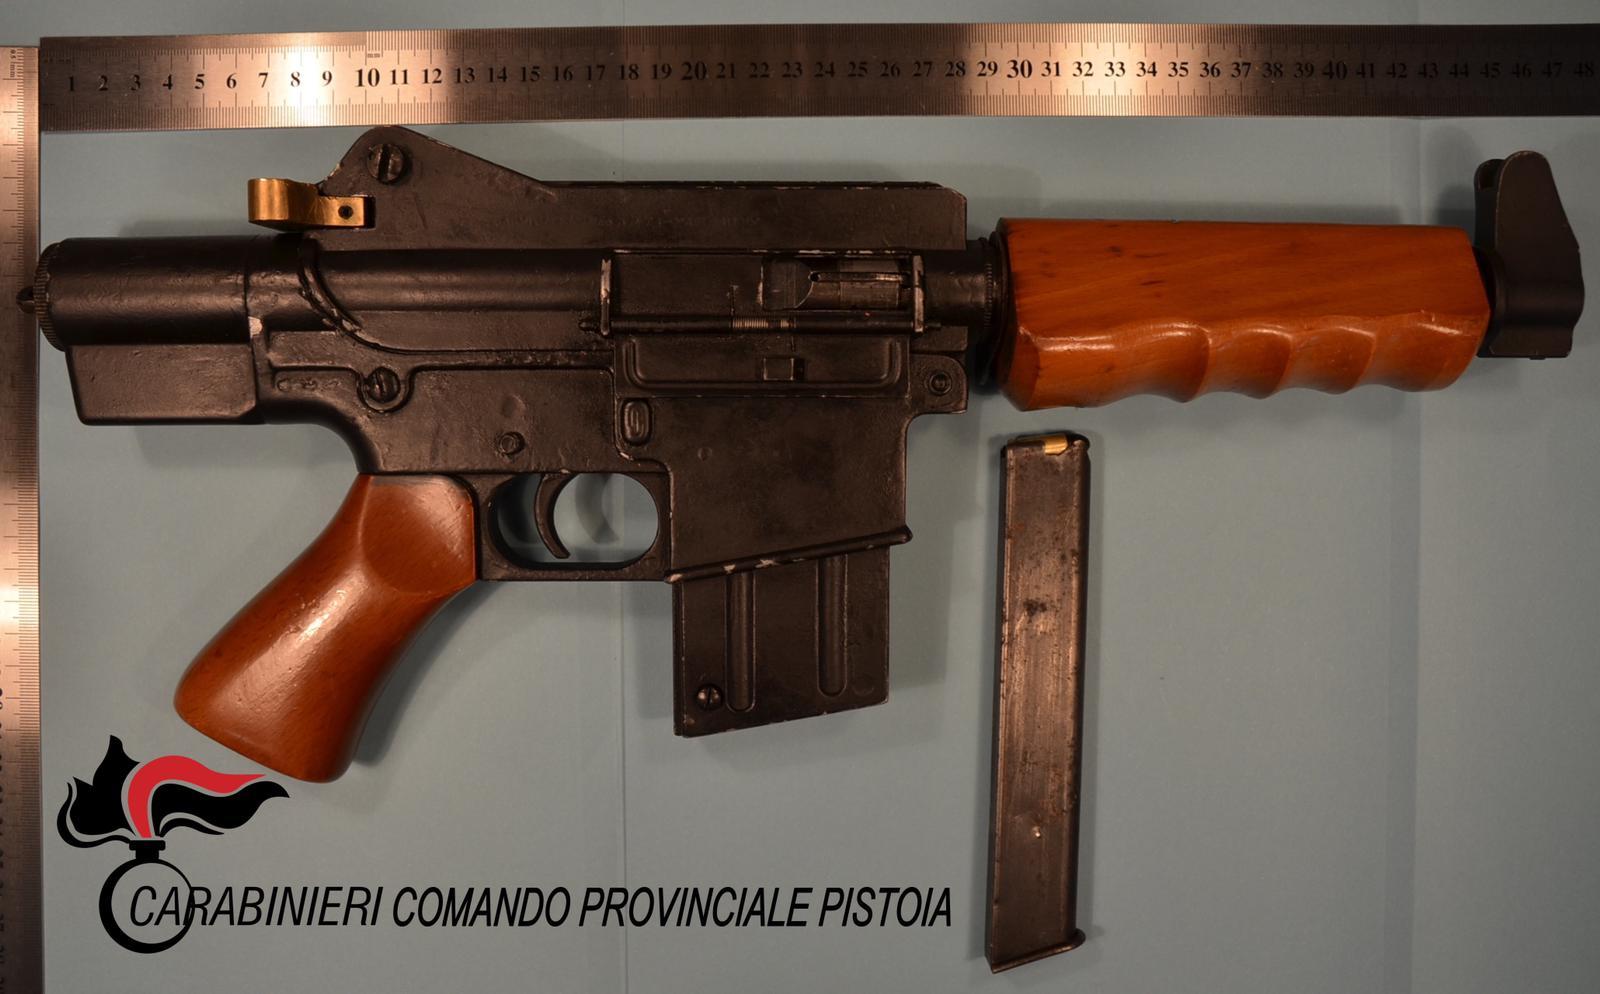 Cronaca, Carabinieri Pistoia: arrestato perchè in possesso di un'arma micidiale